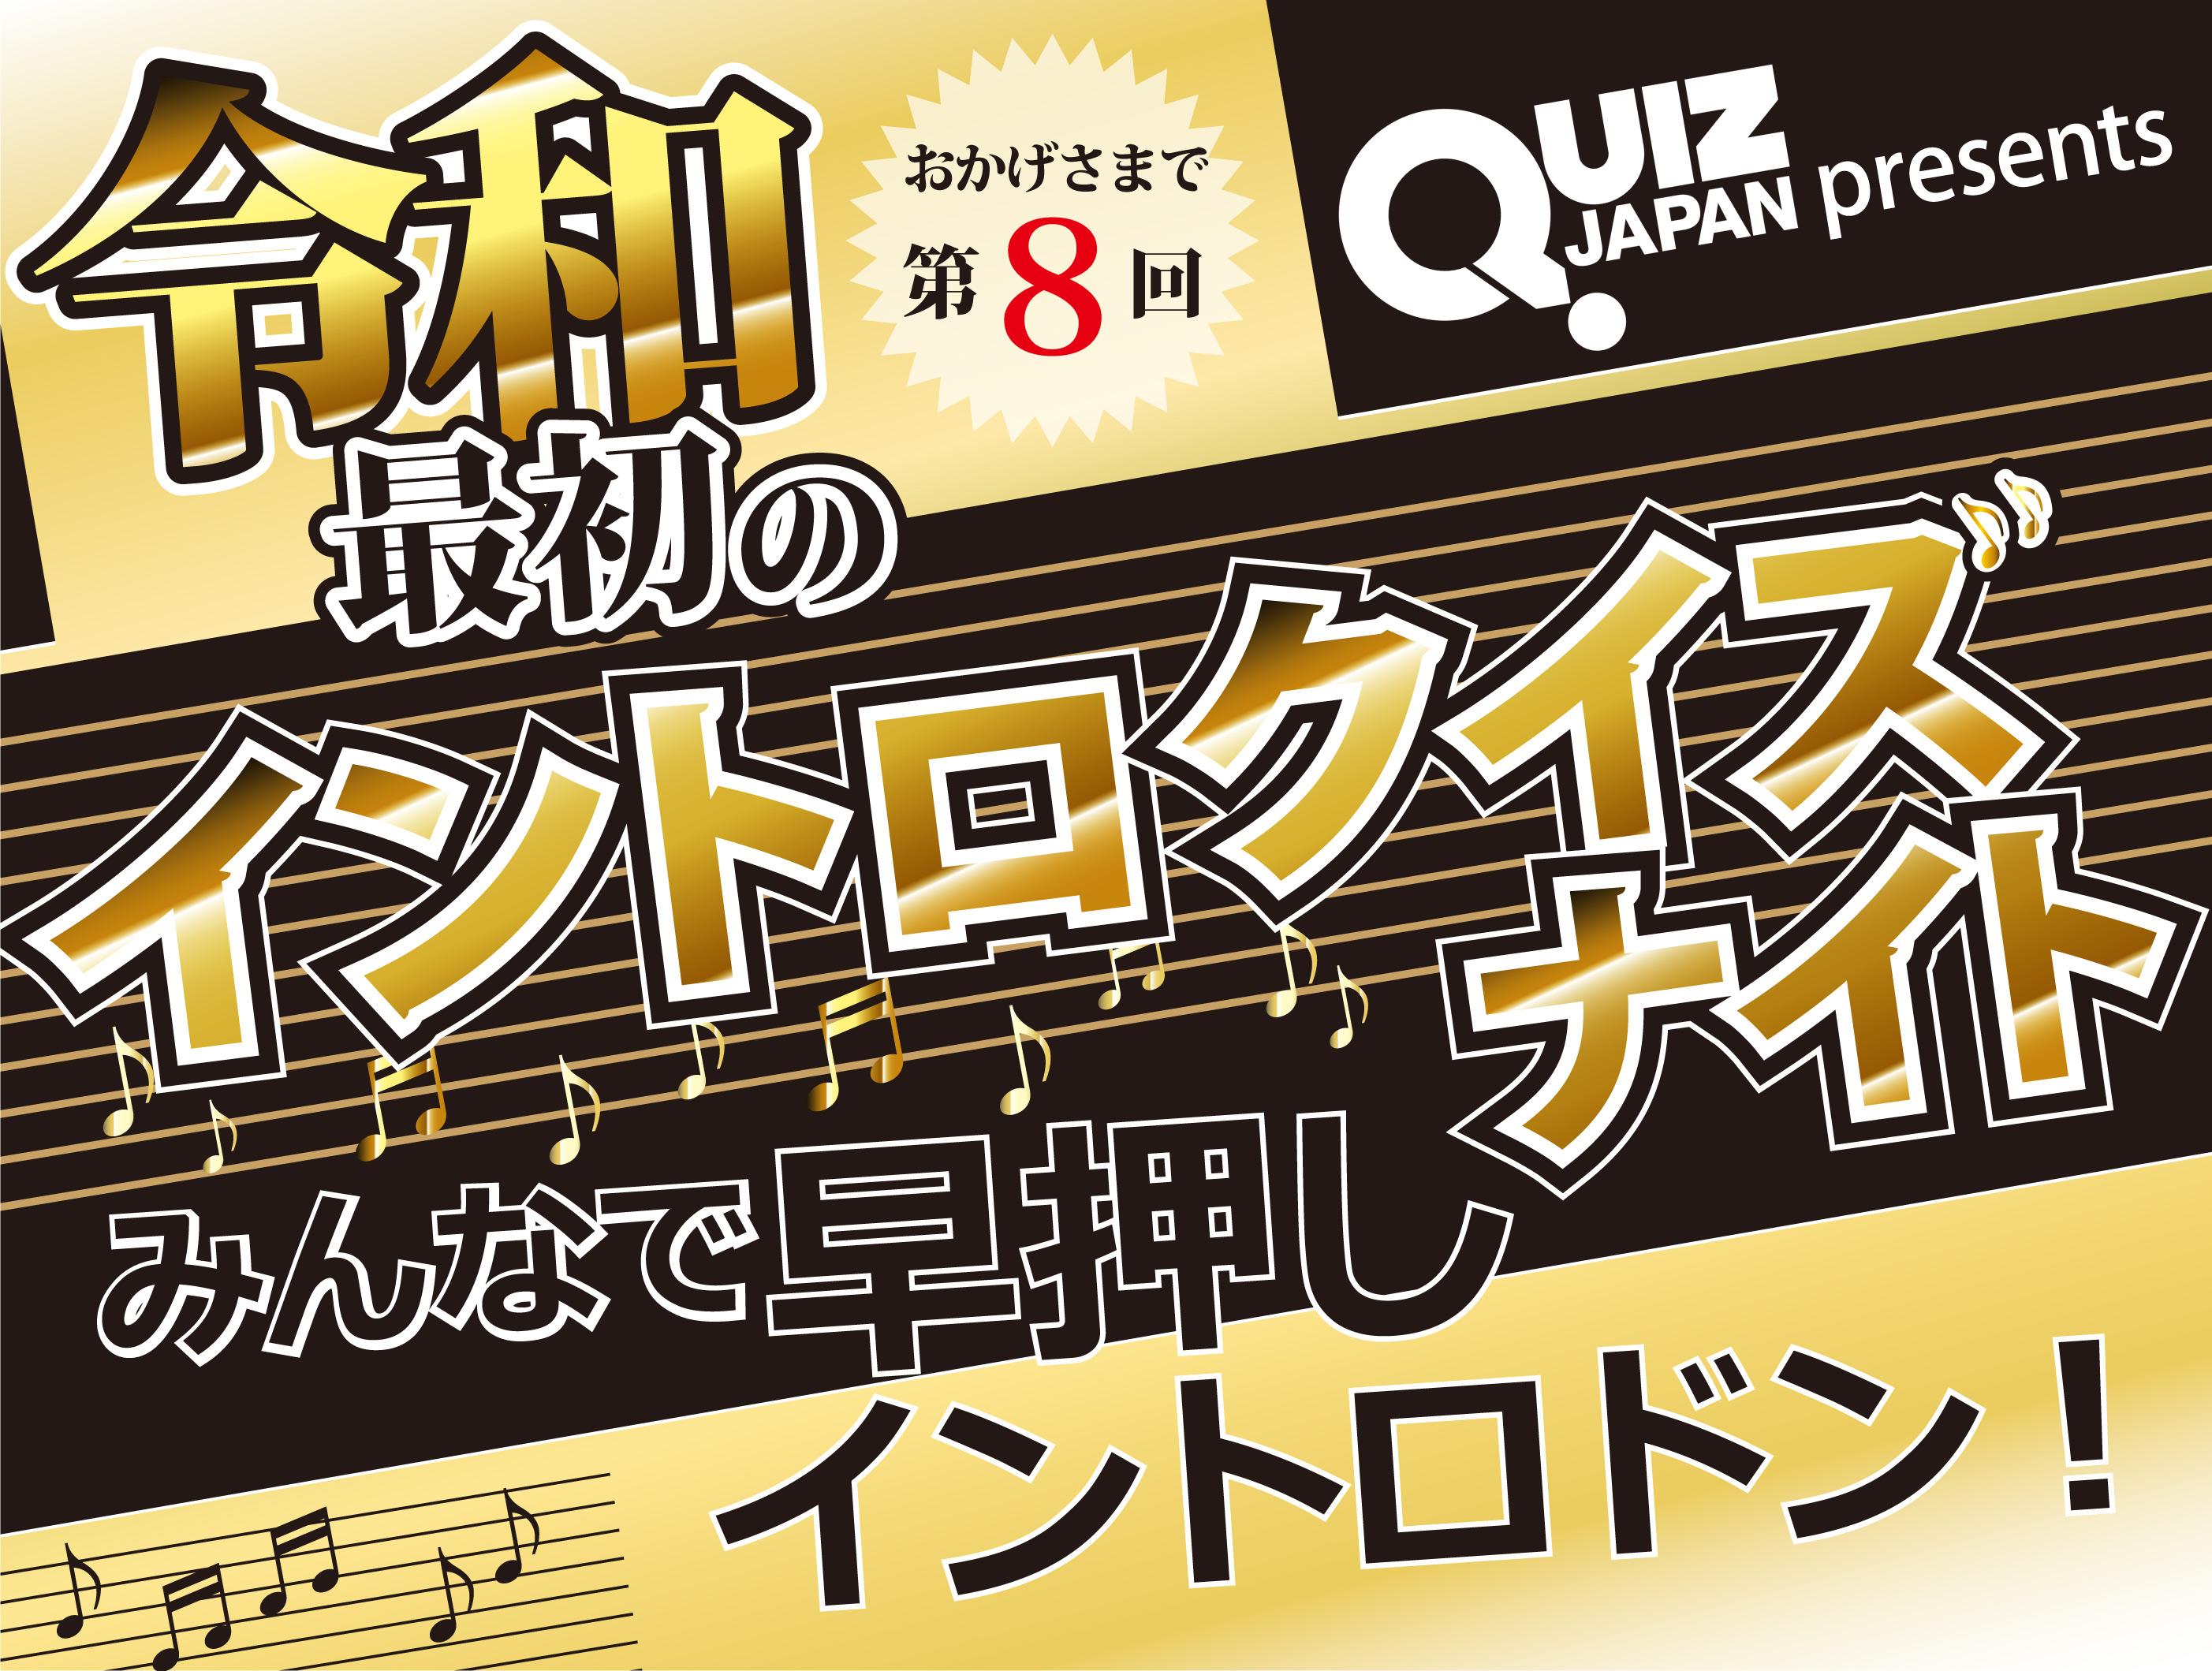 「令和最初のイントロクイズナイト」7月18日(木)に開催!